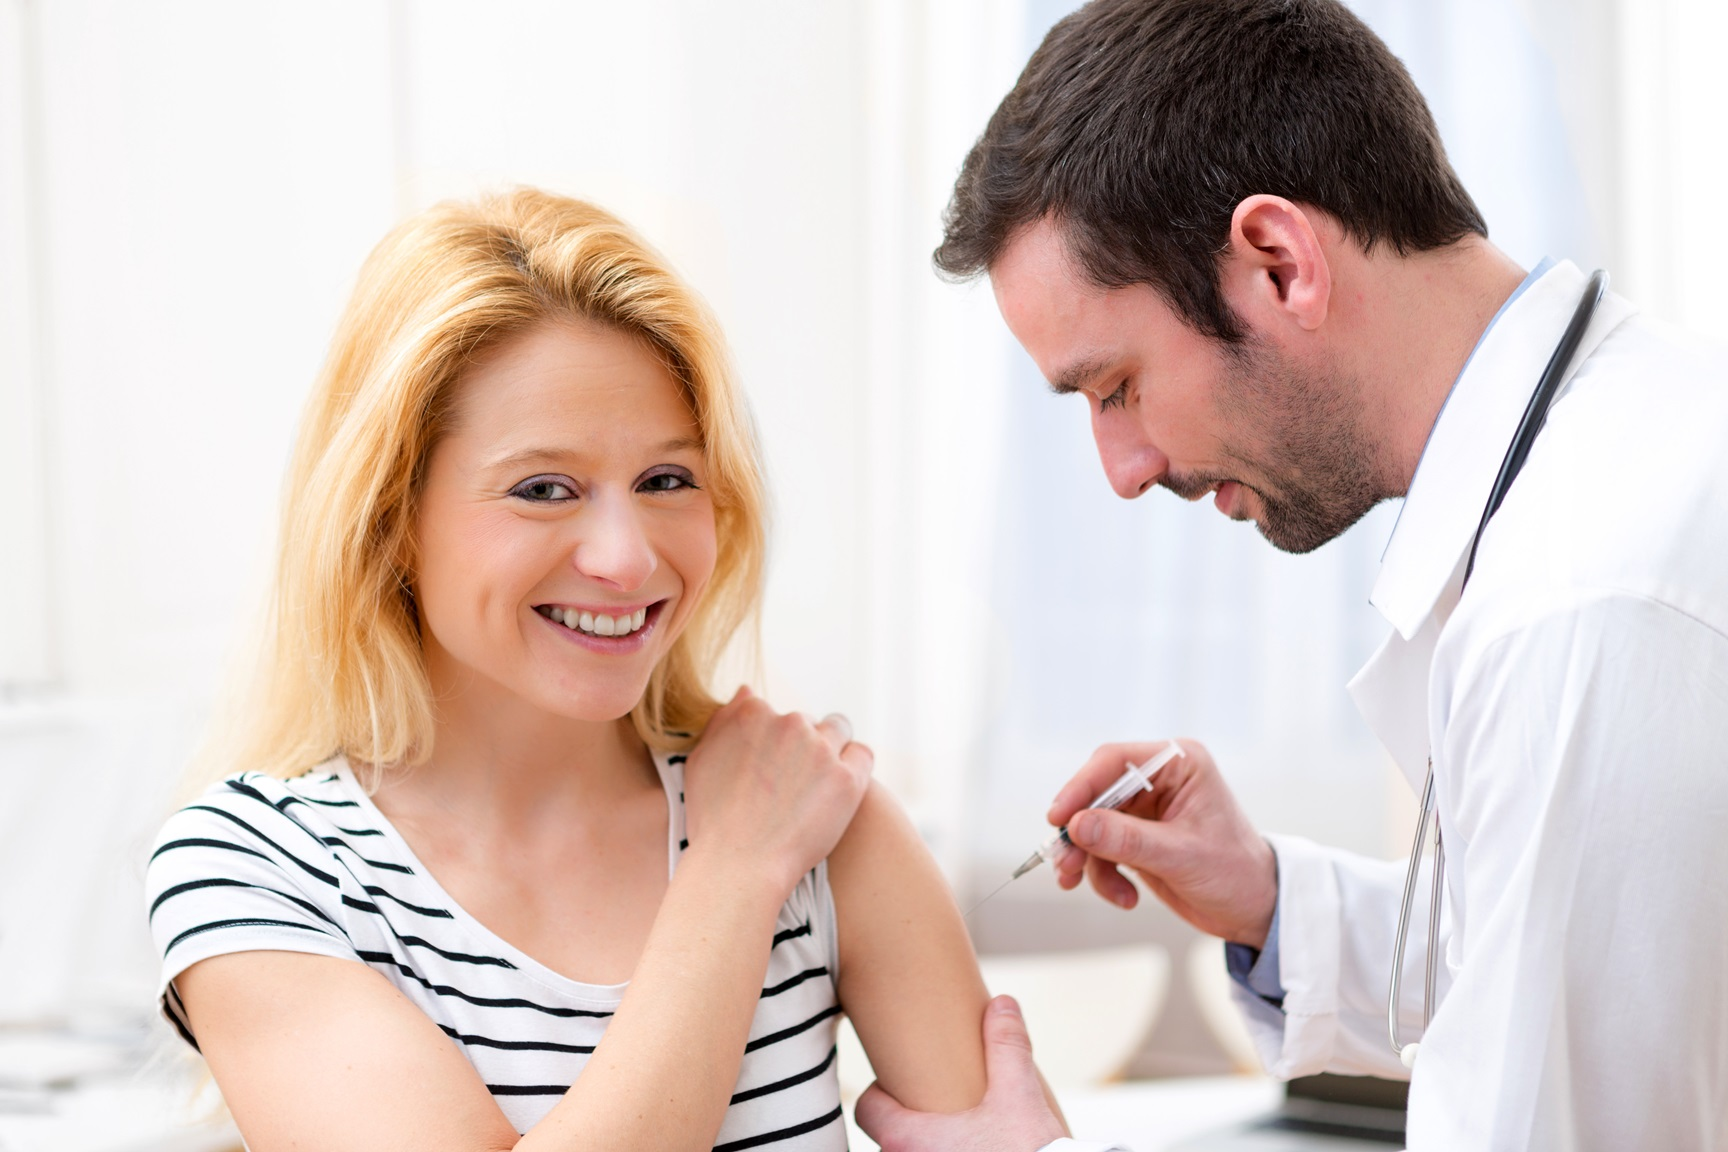 cukrzyca szczepienie przeciwko grypie